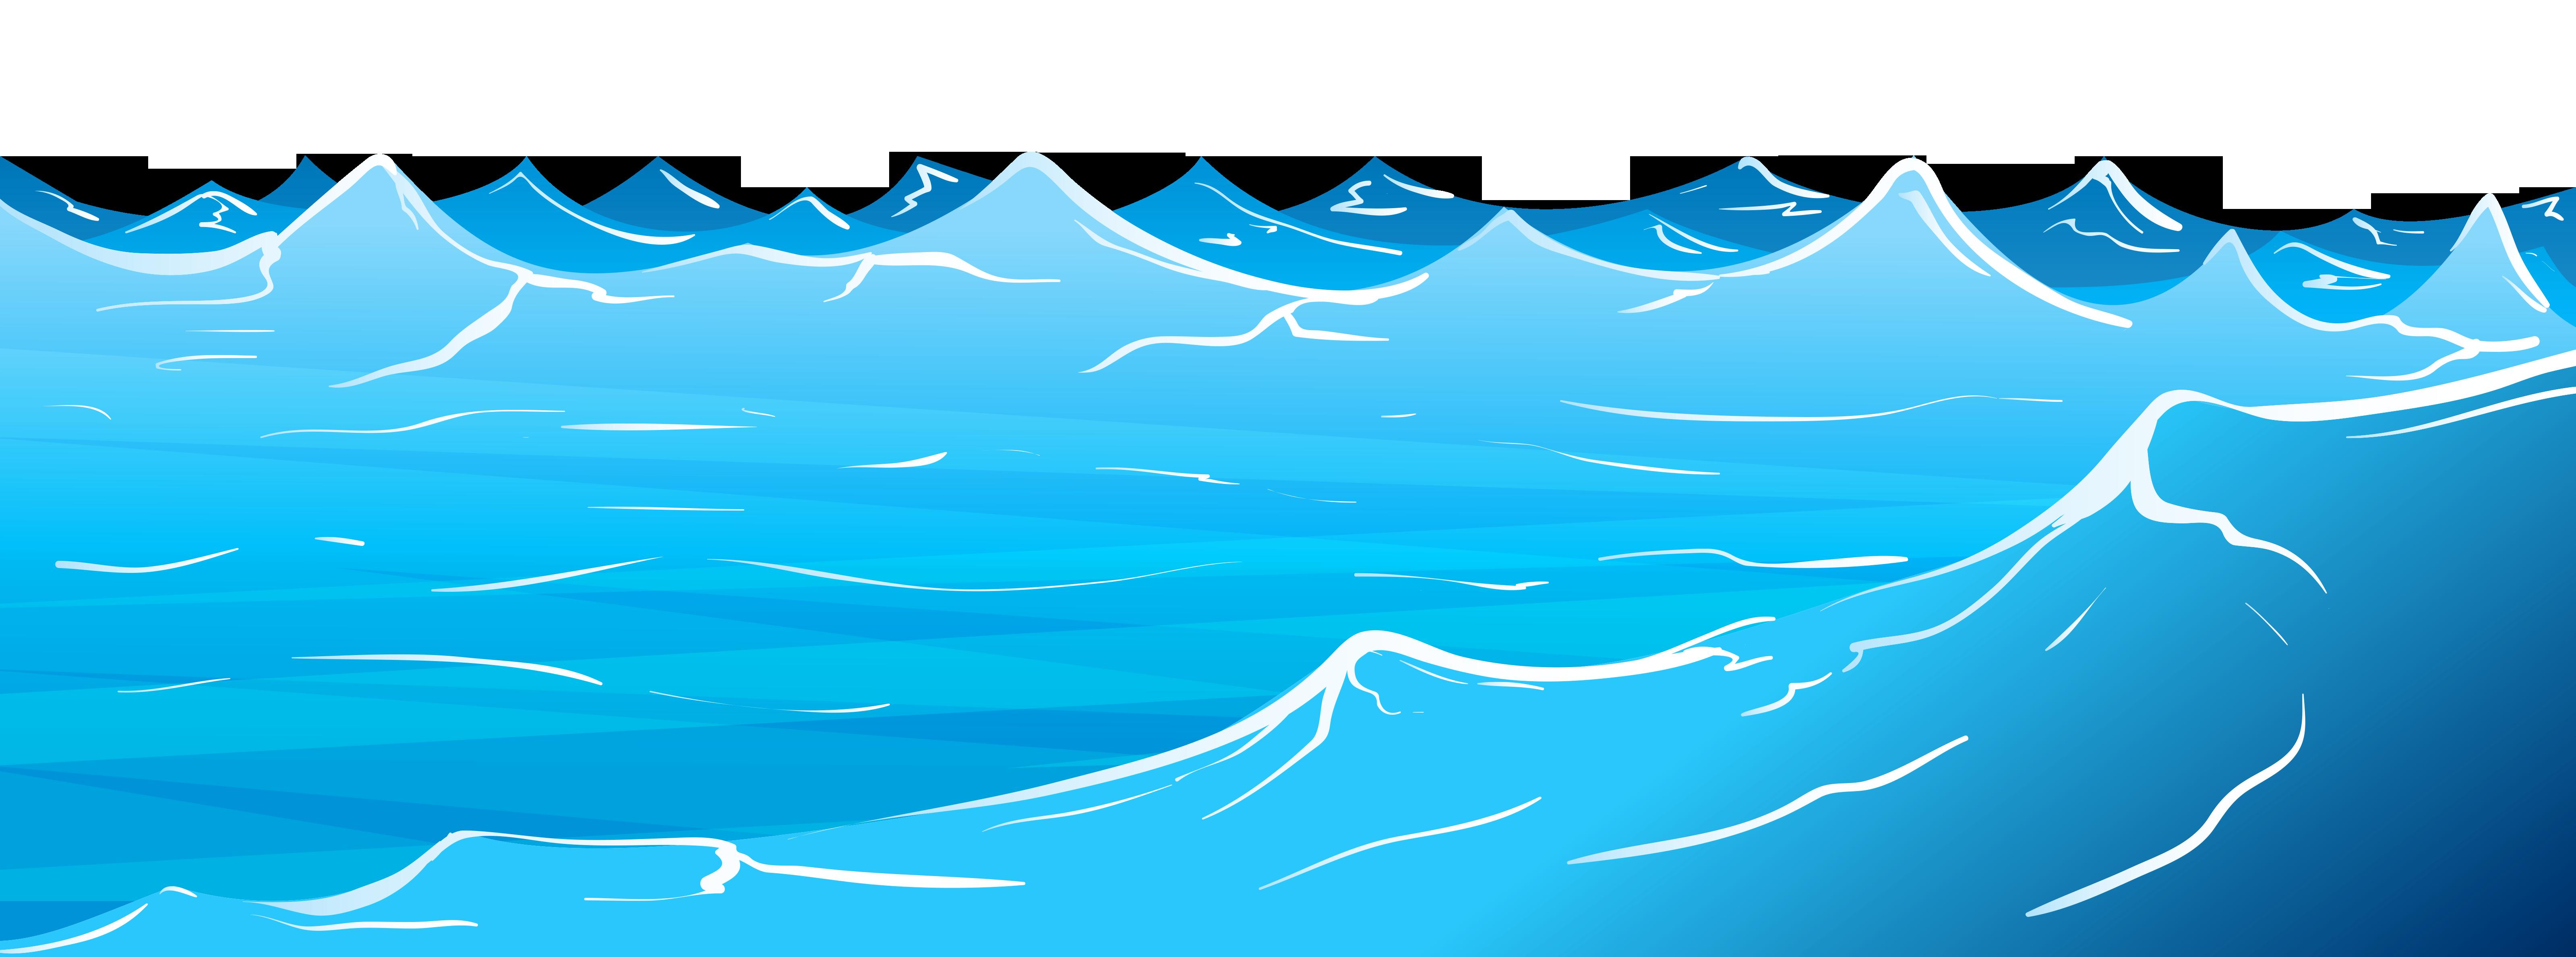 Water . Clipart ocean